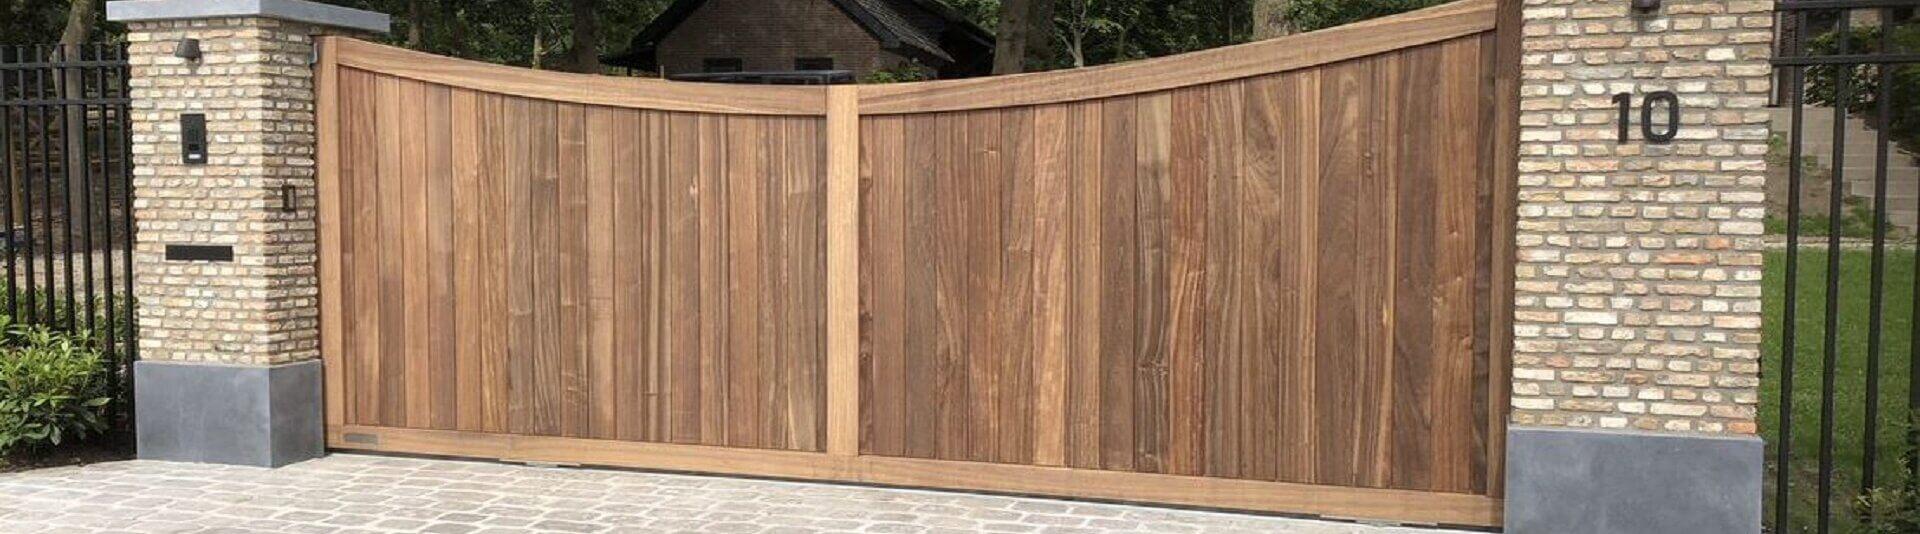 Padoek houten inrijpoort